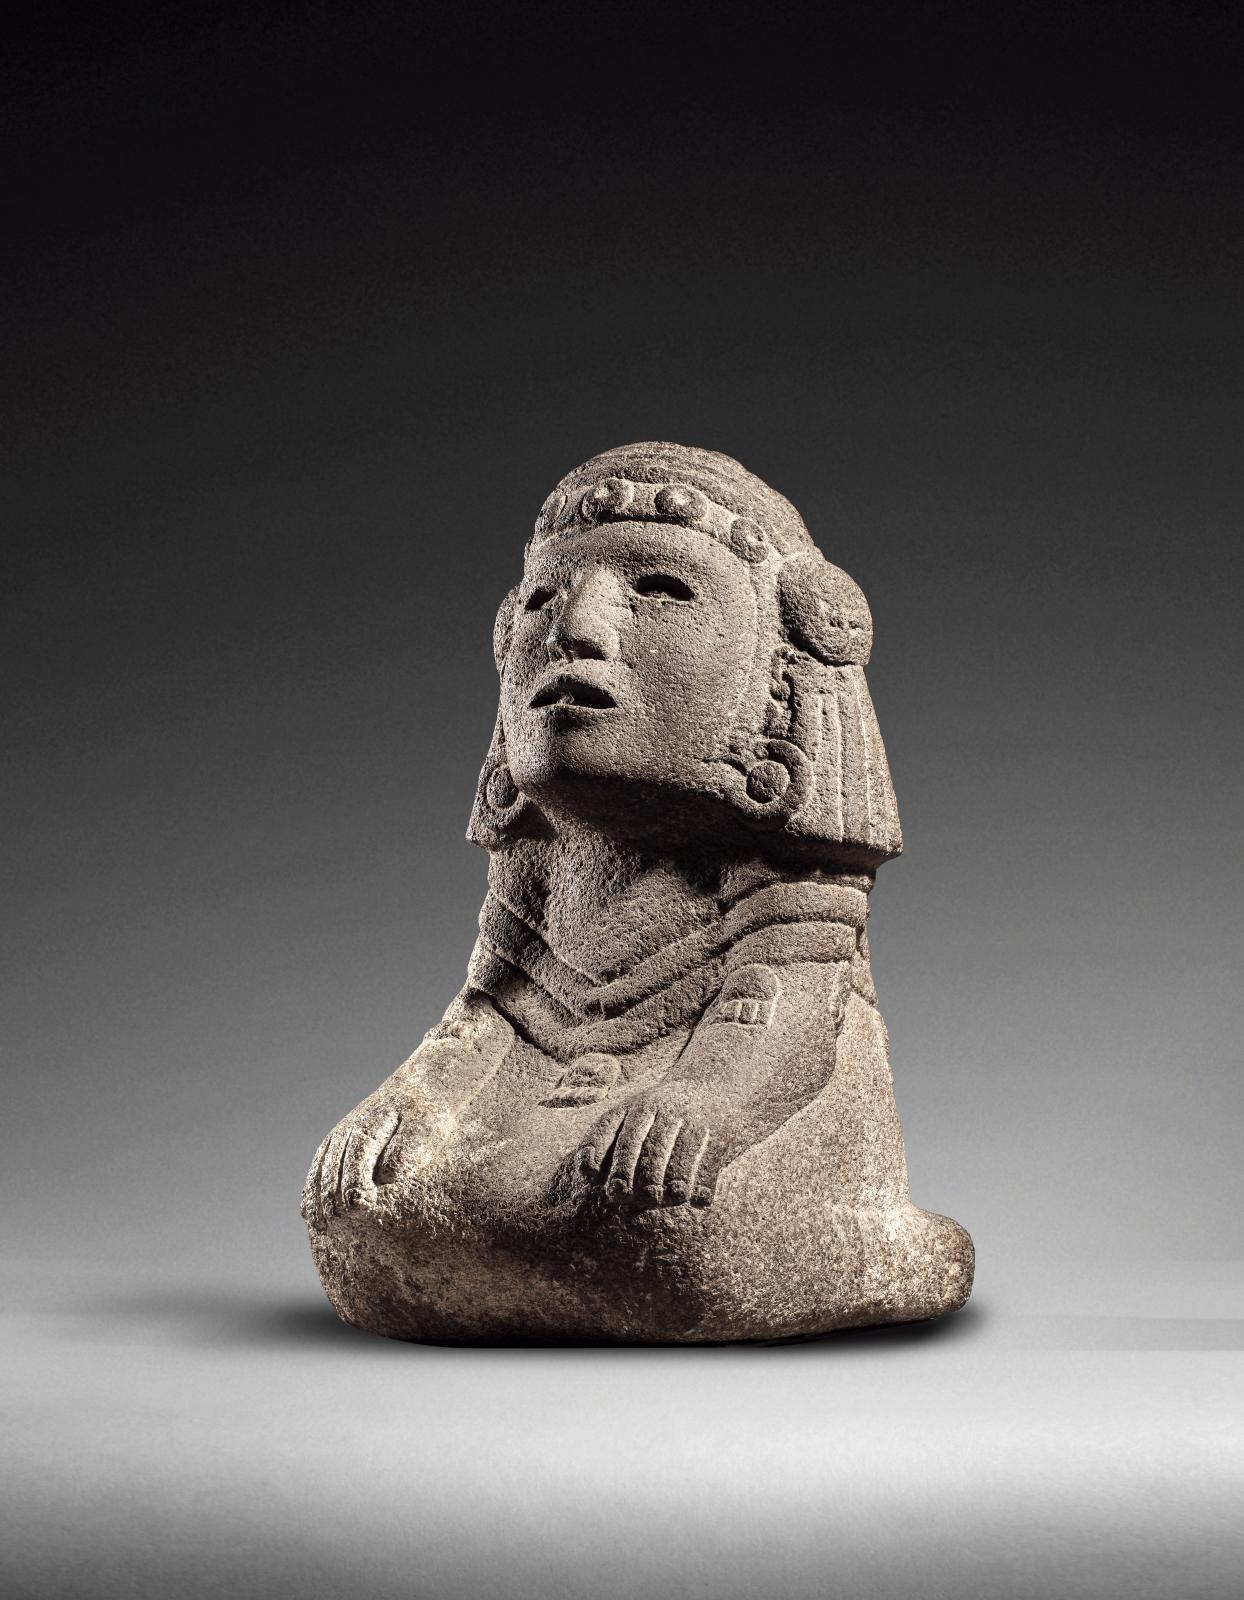 Mexique, culture aztèque, époque impériale (1350-1520). Chalchiuhtlicue, déesse de l'eau assise, pierre volcanique sculptée et polie, traces de polych